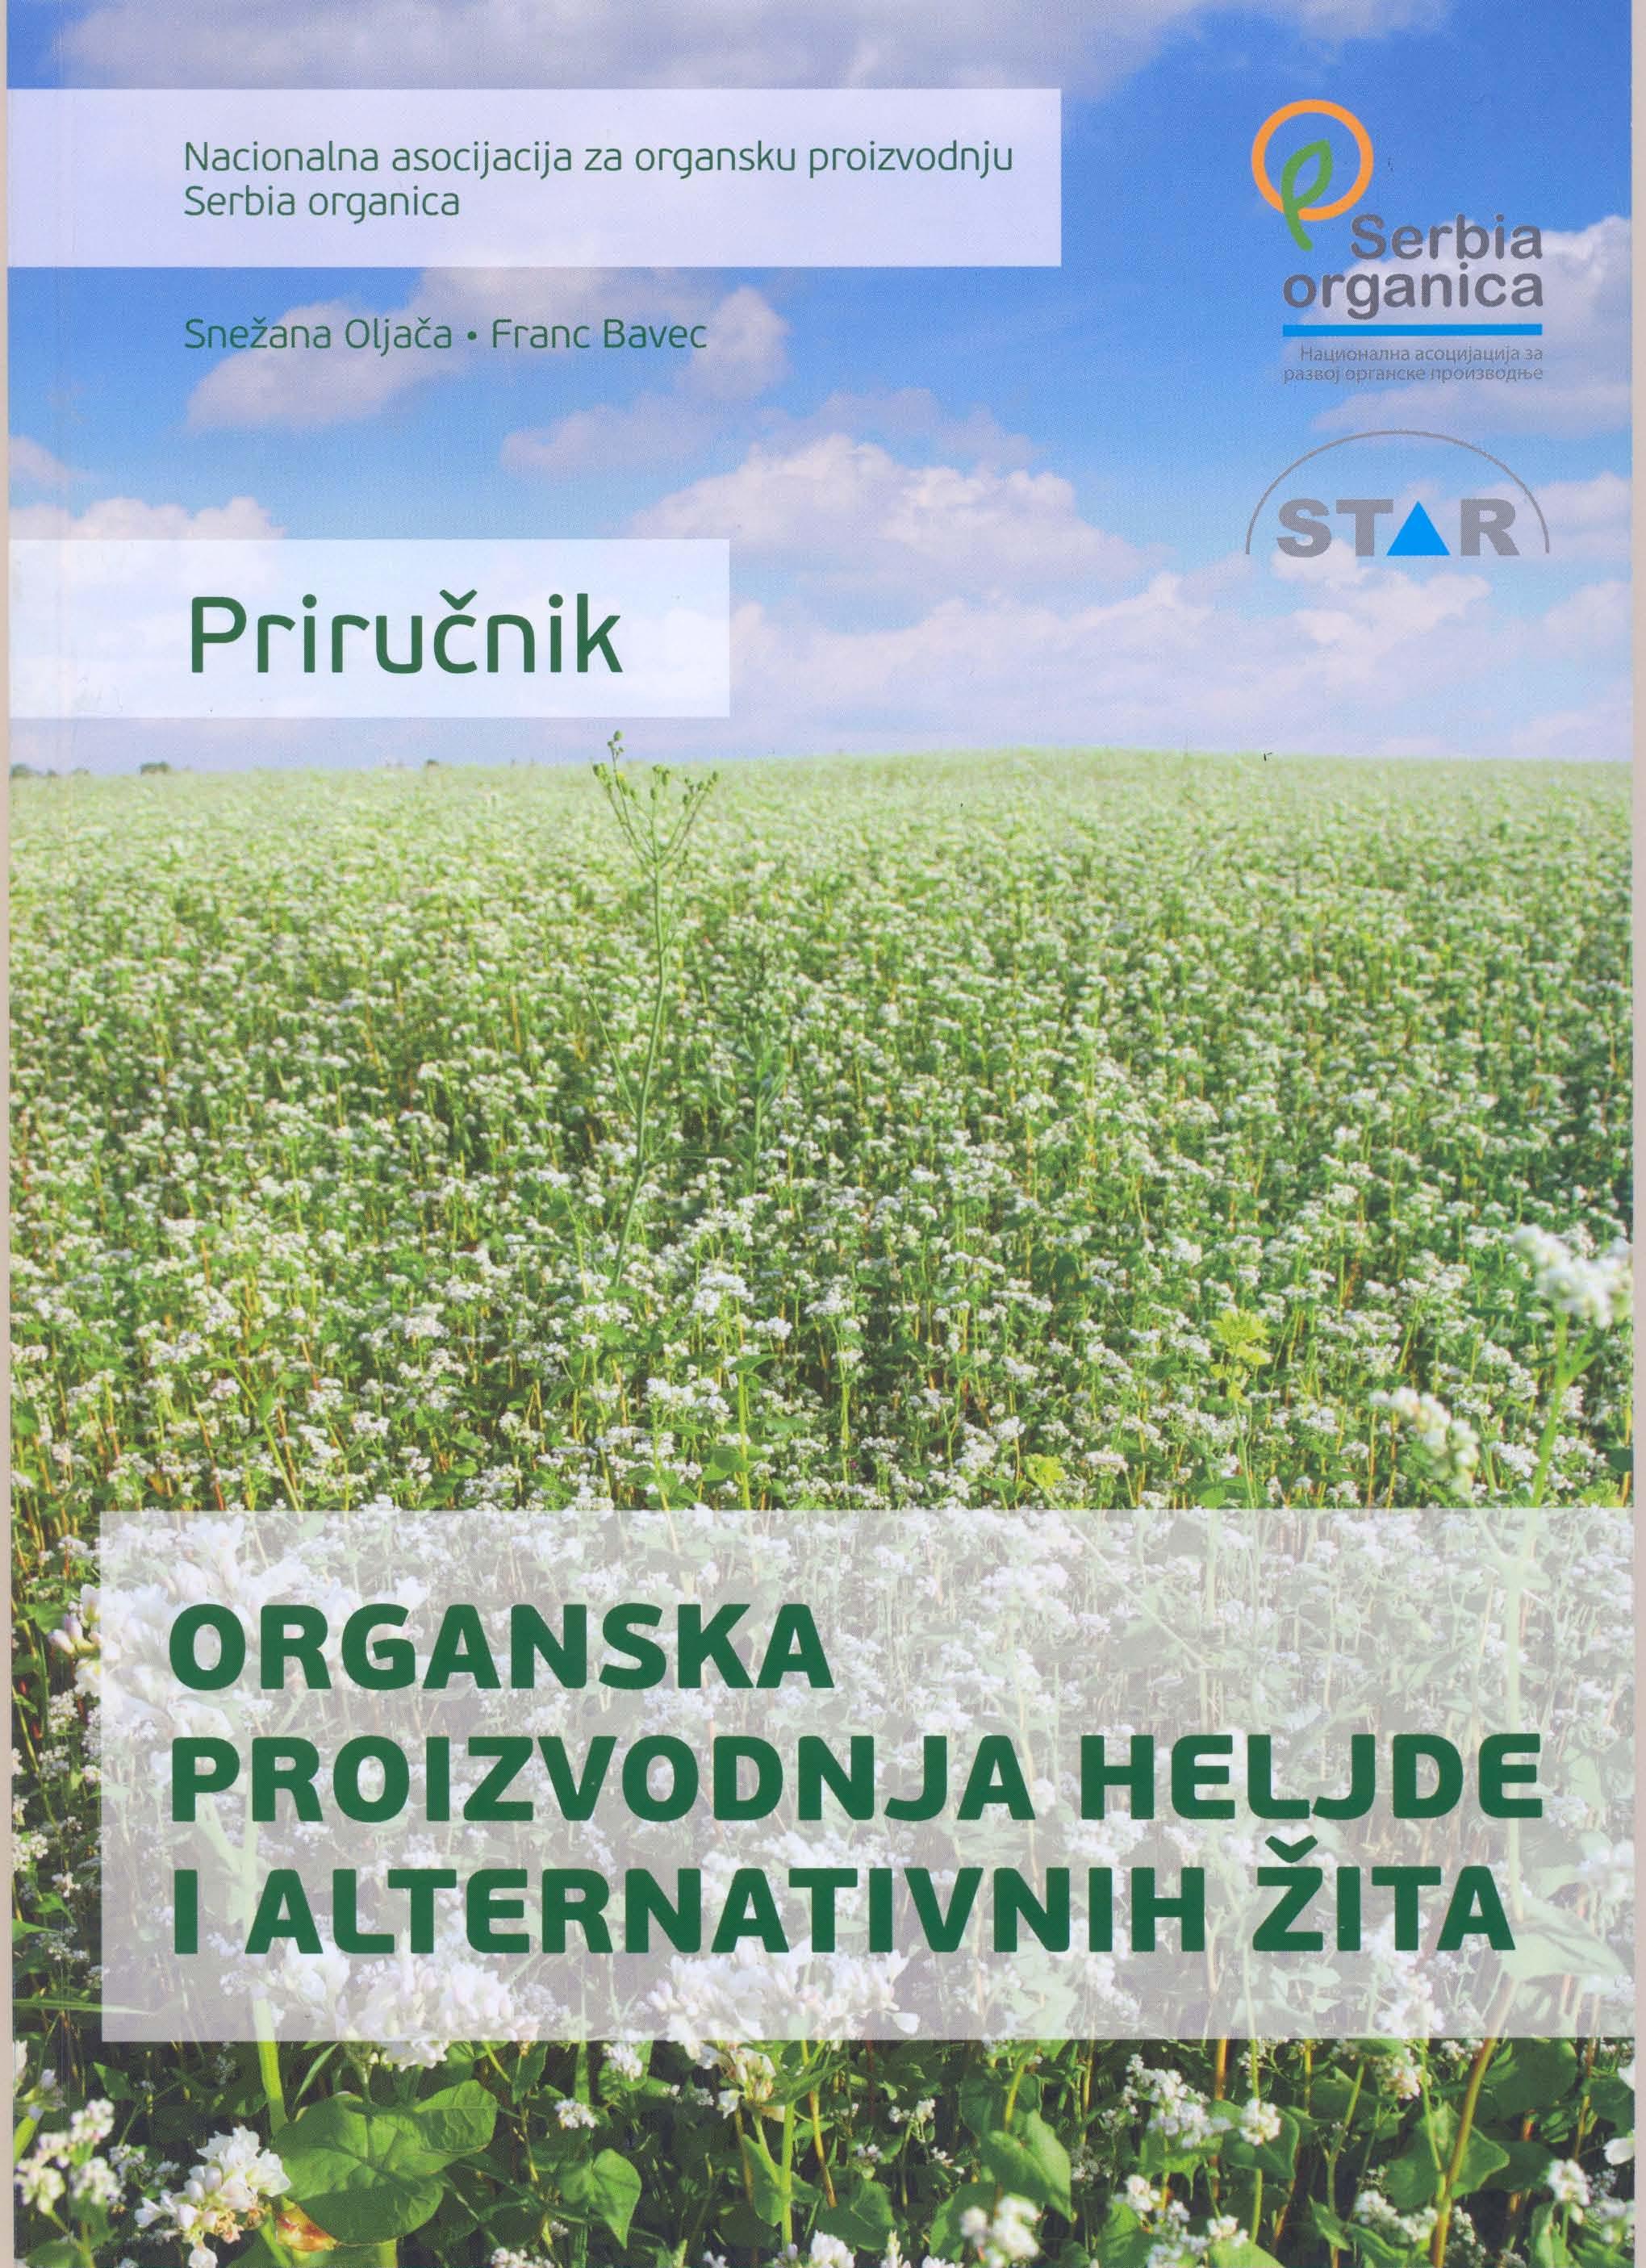 Prirucnik HELJDA-page-0